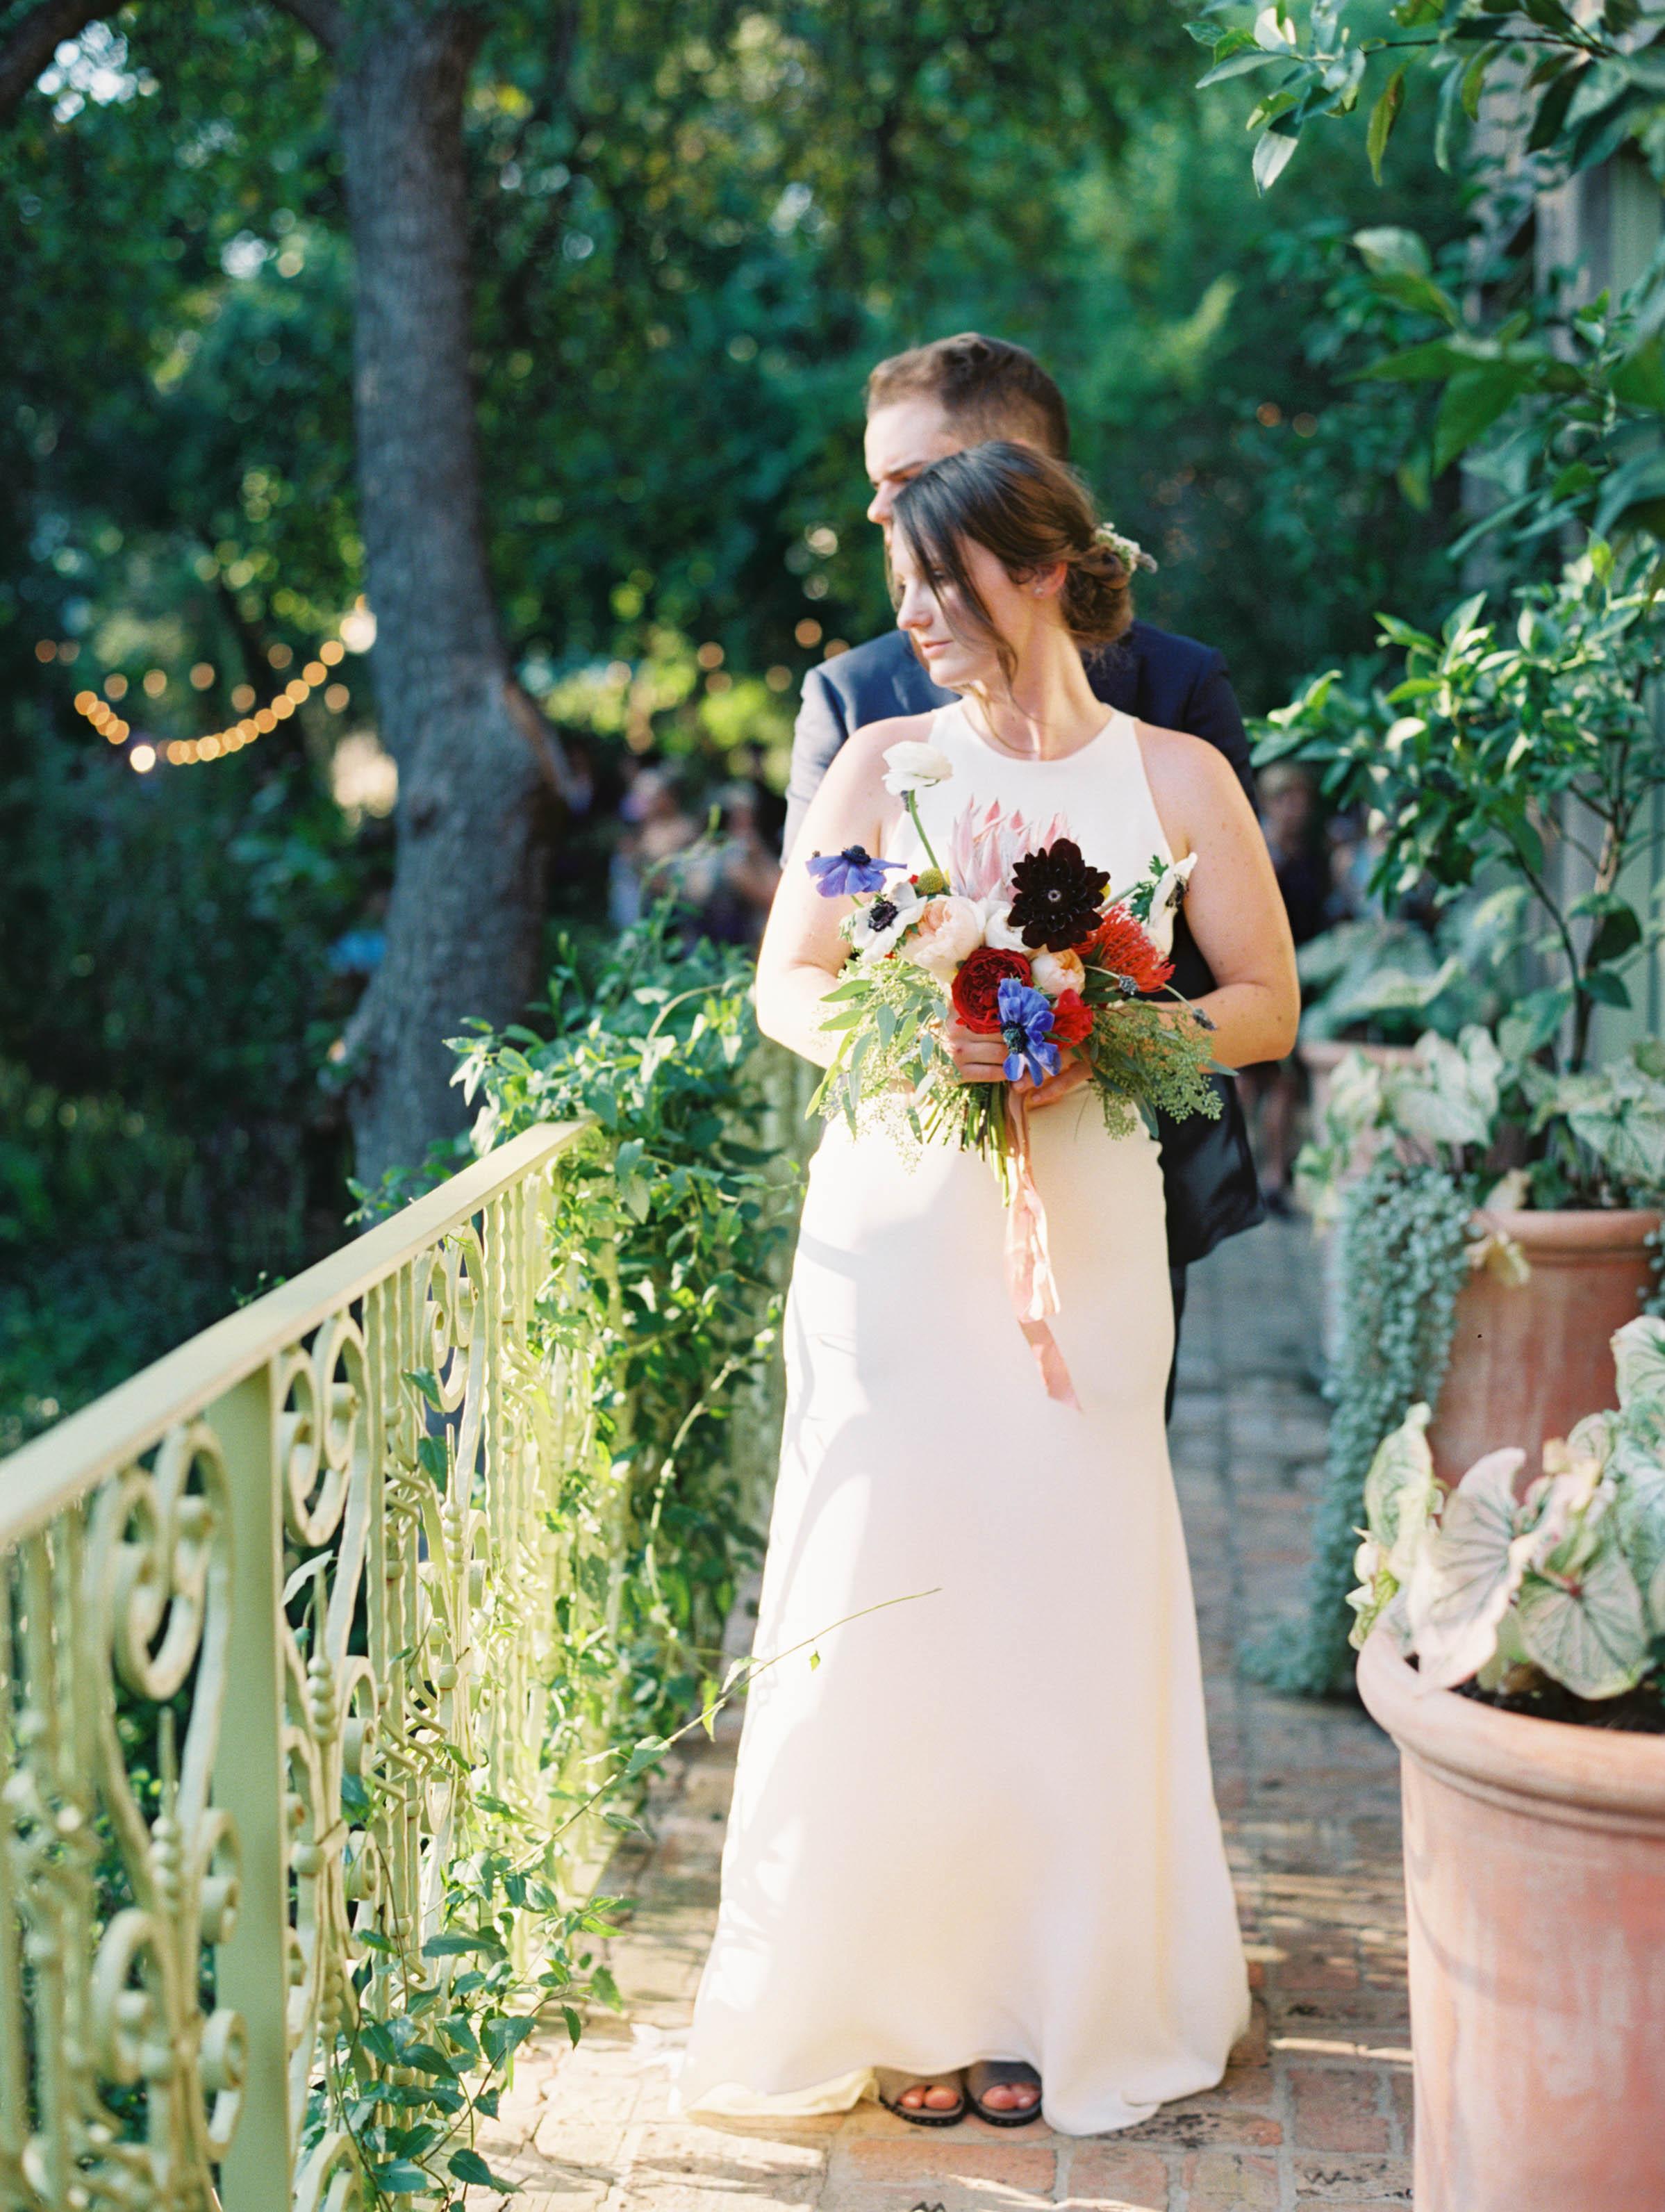 Alex-Kyrany-Wedding-Jennifers-Gardens-213.jpg